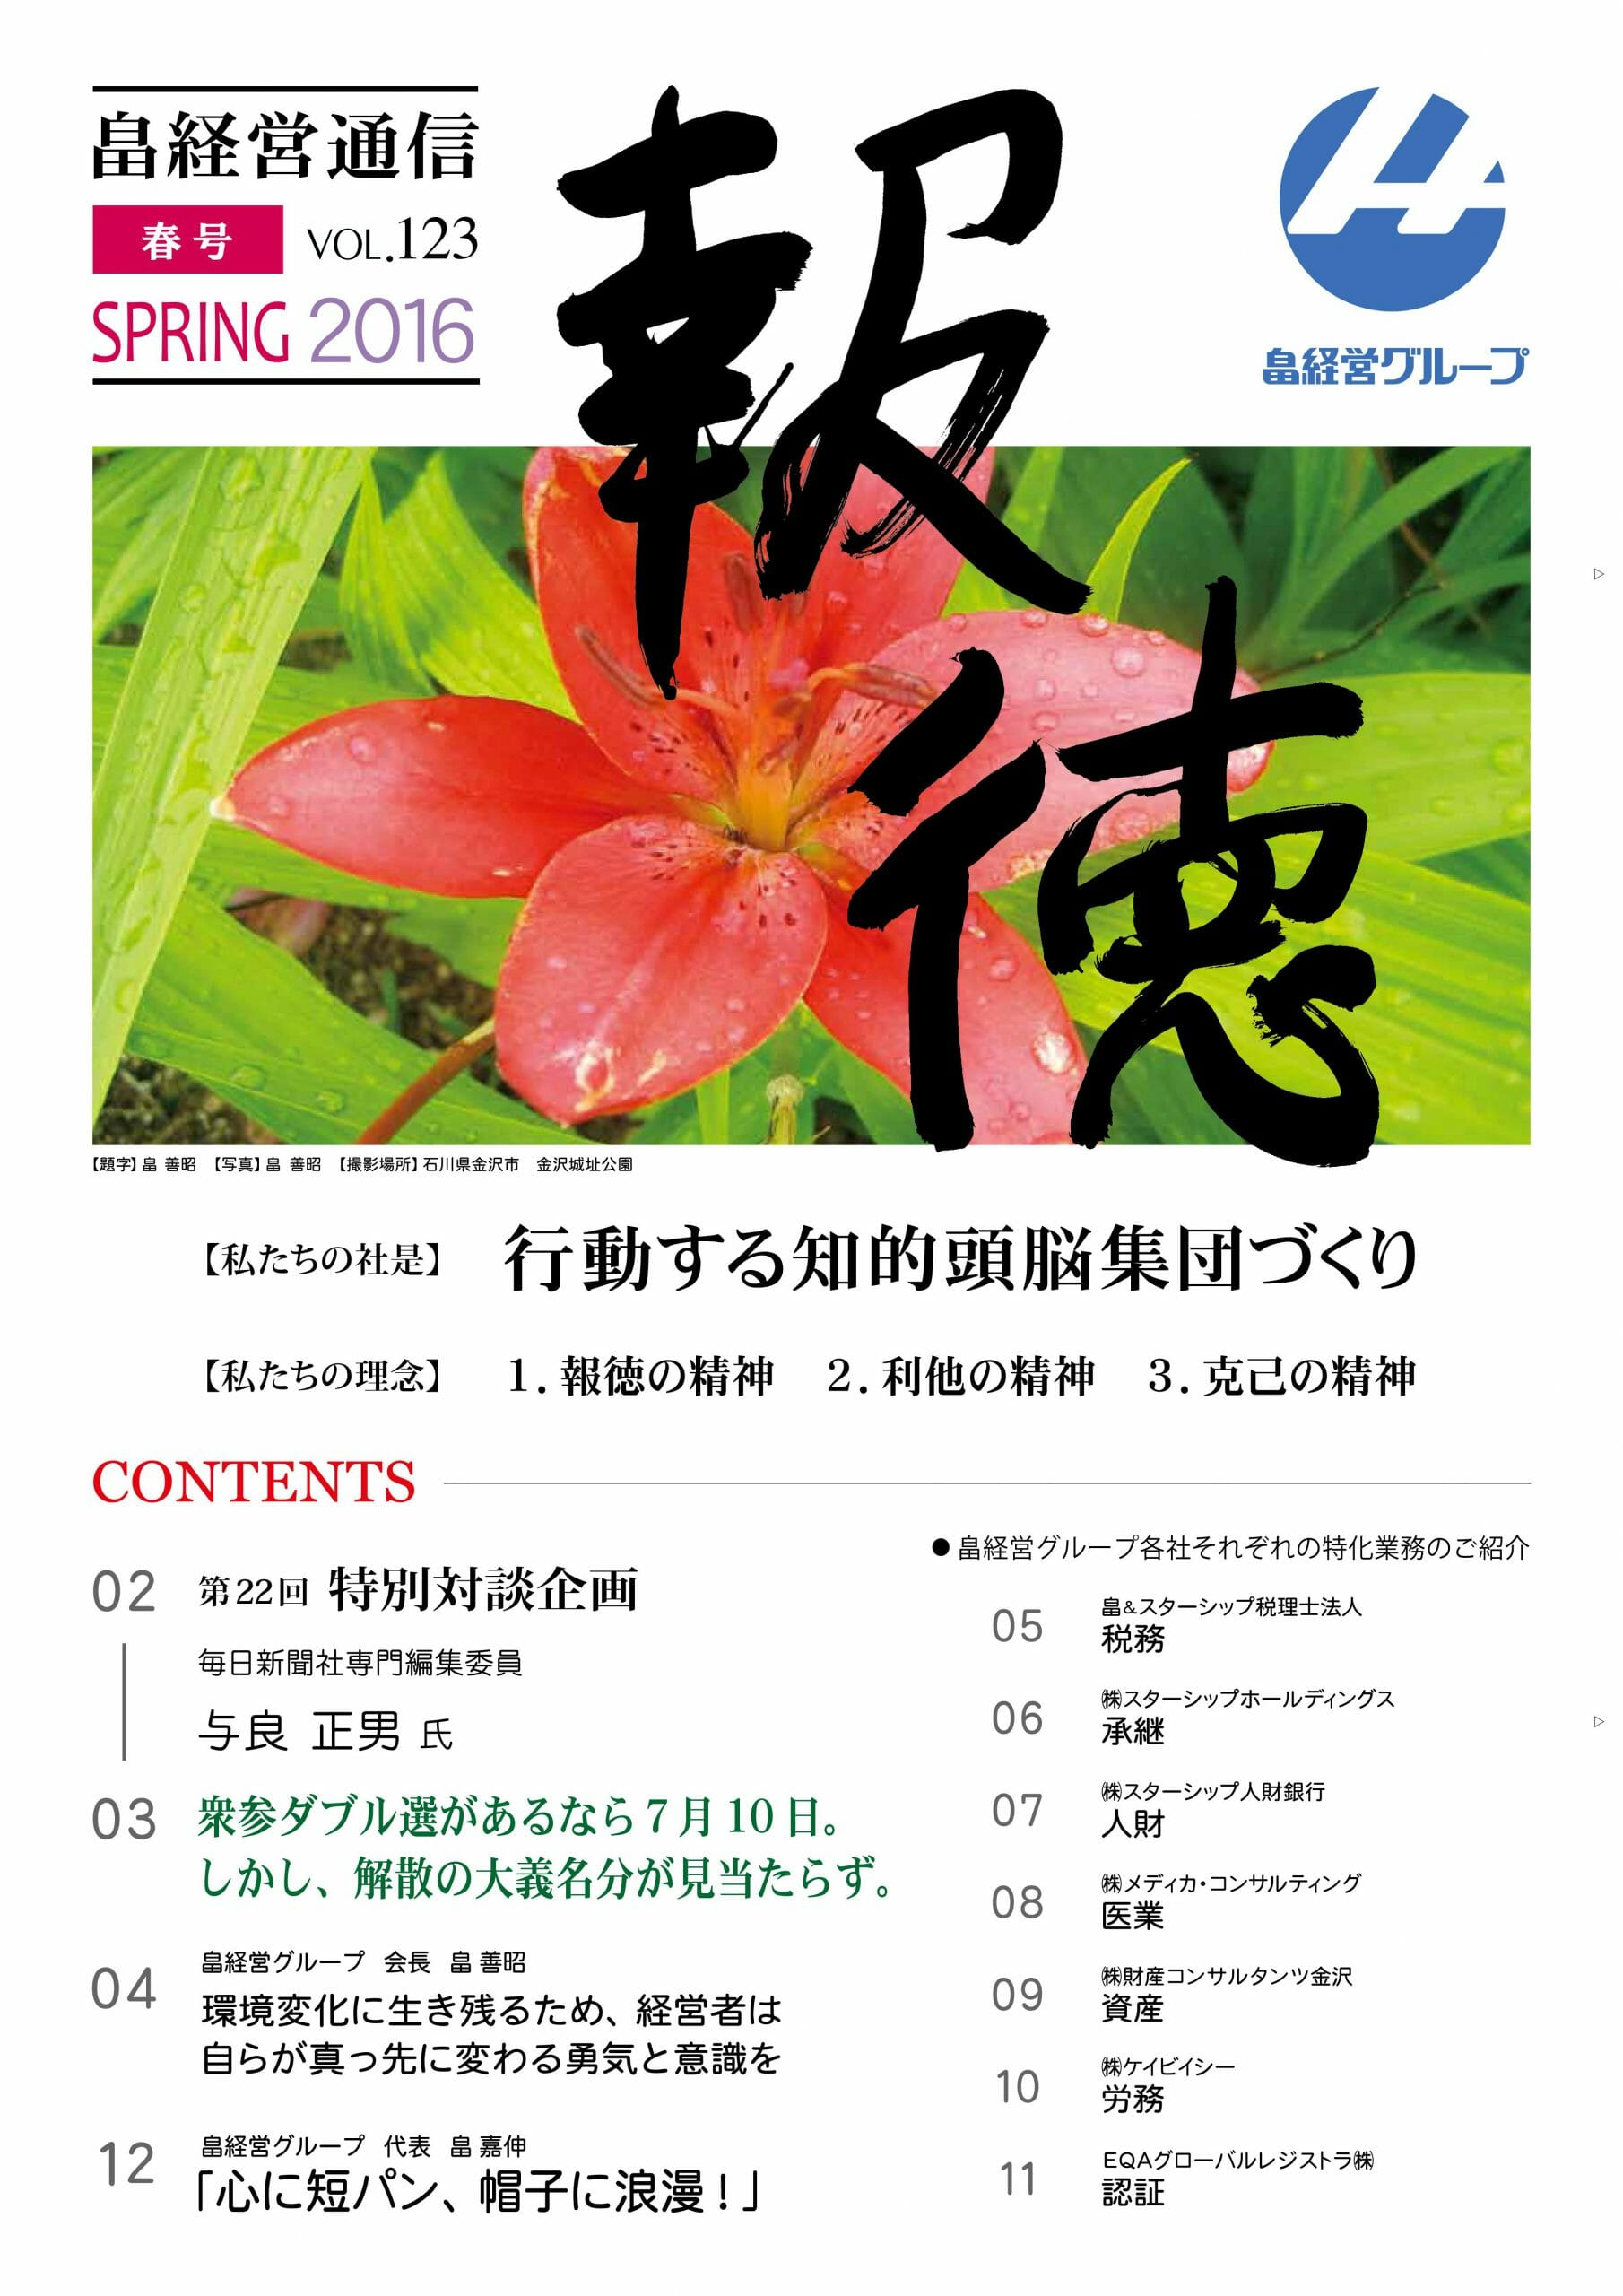 2016年4月14日 報徳春号vol.123 発刊しました